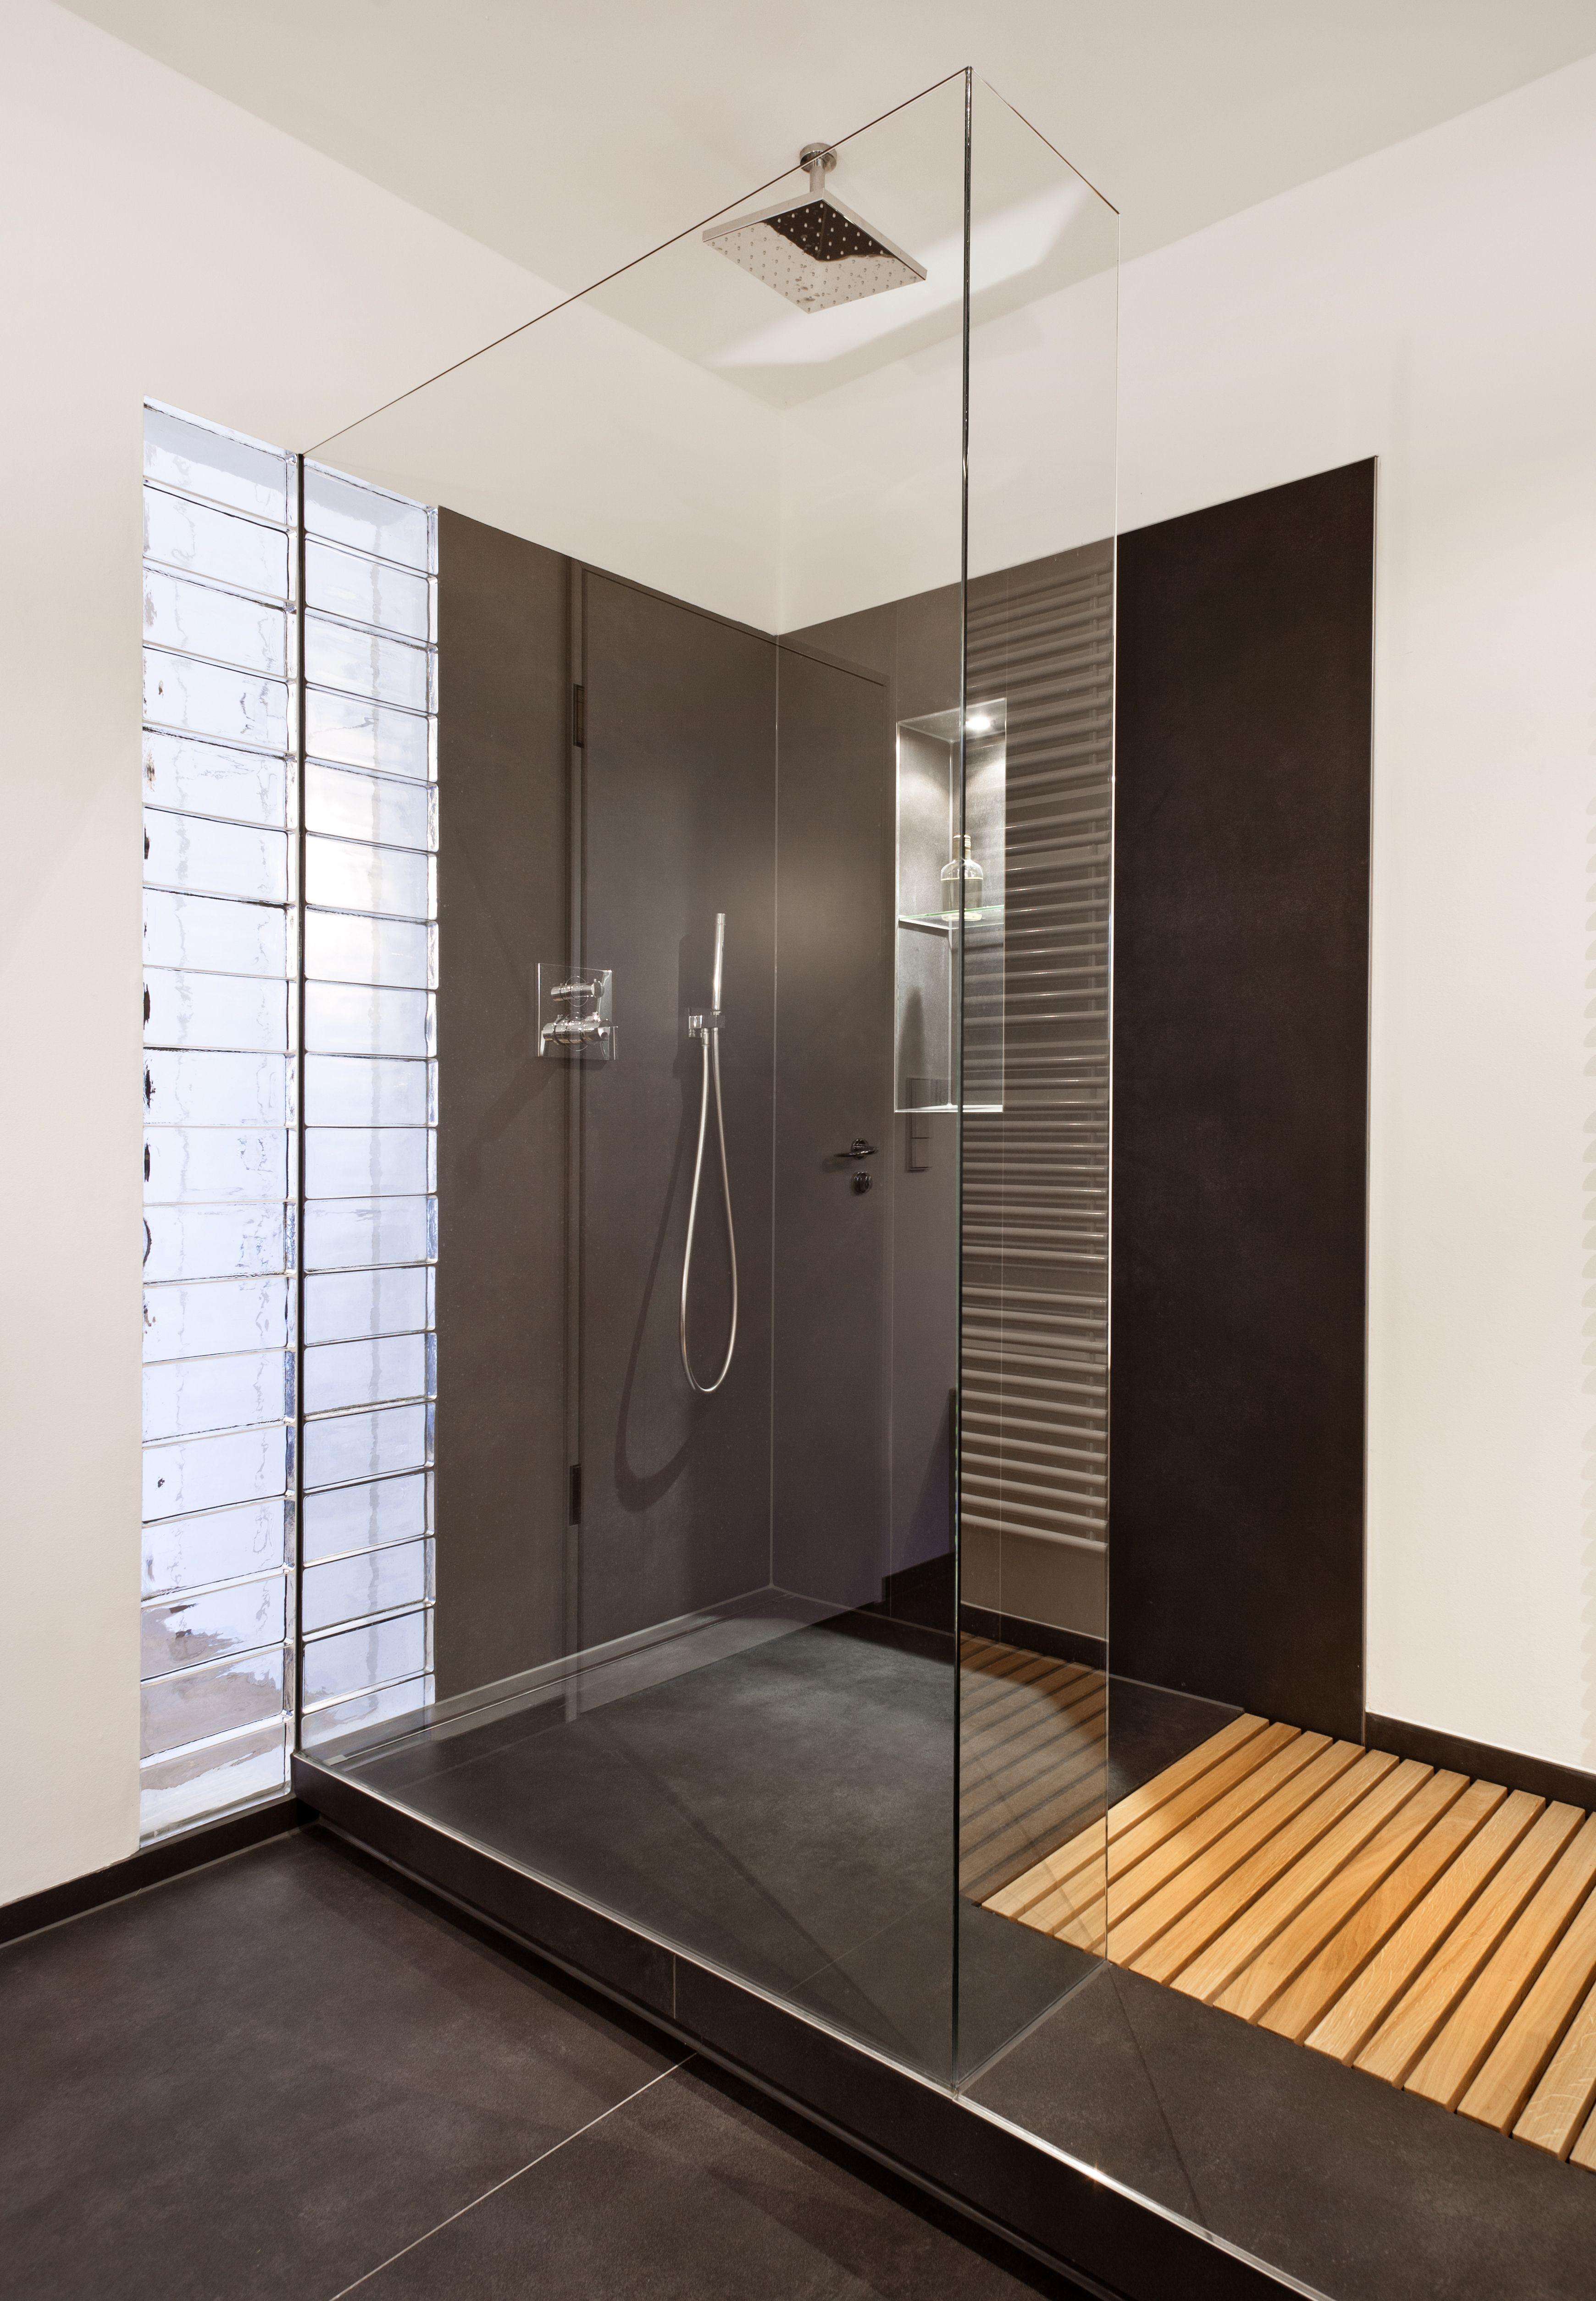 Badgestaltung Brême, Carreaux Noirs, Lauze, Design Produit, Salle De Bains